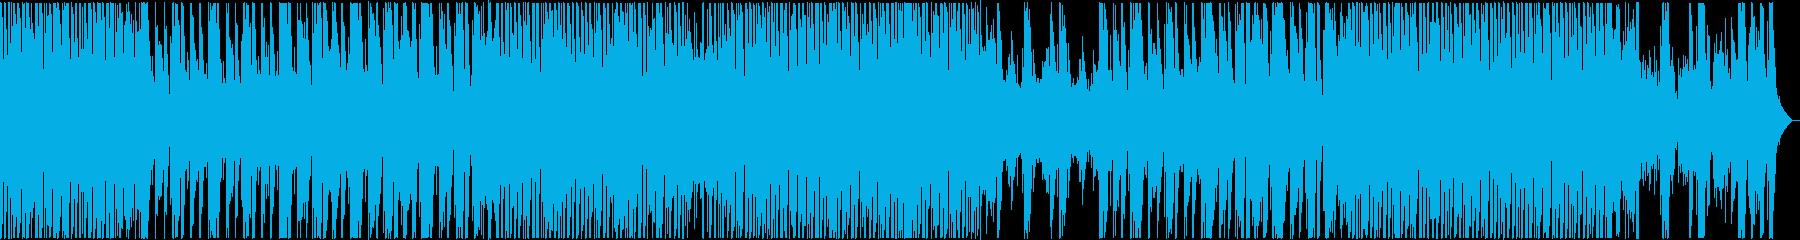 ピアノが爽やかで明るいポップなBGMの再生済みの波形